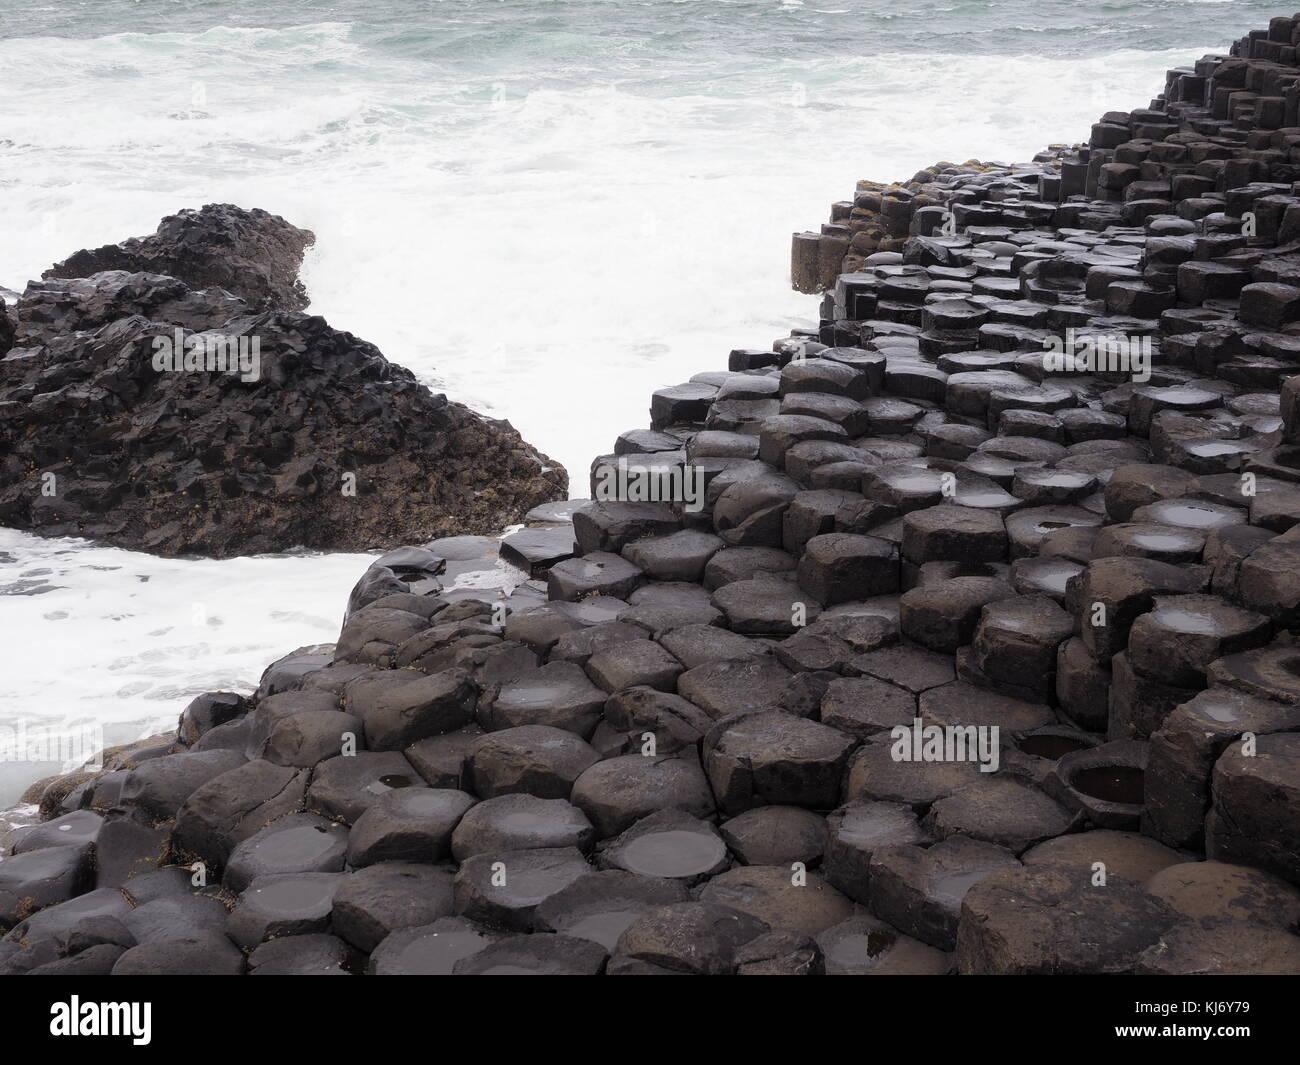 The amazing Giants Causeway, County Antrim Northern Ireland UK - Stock Image